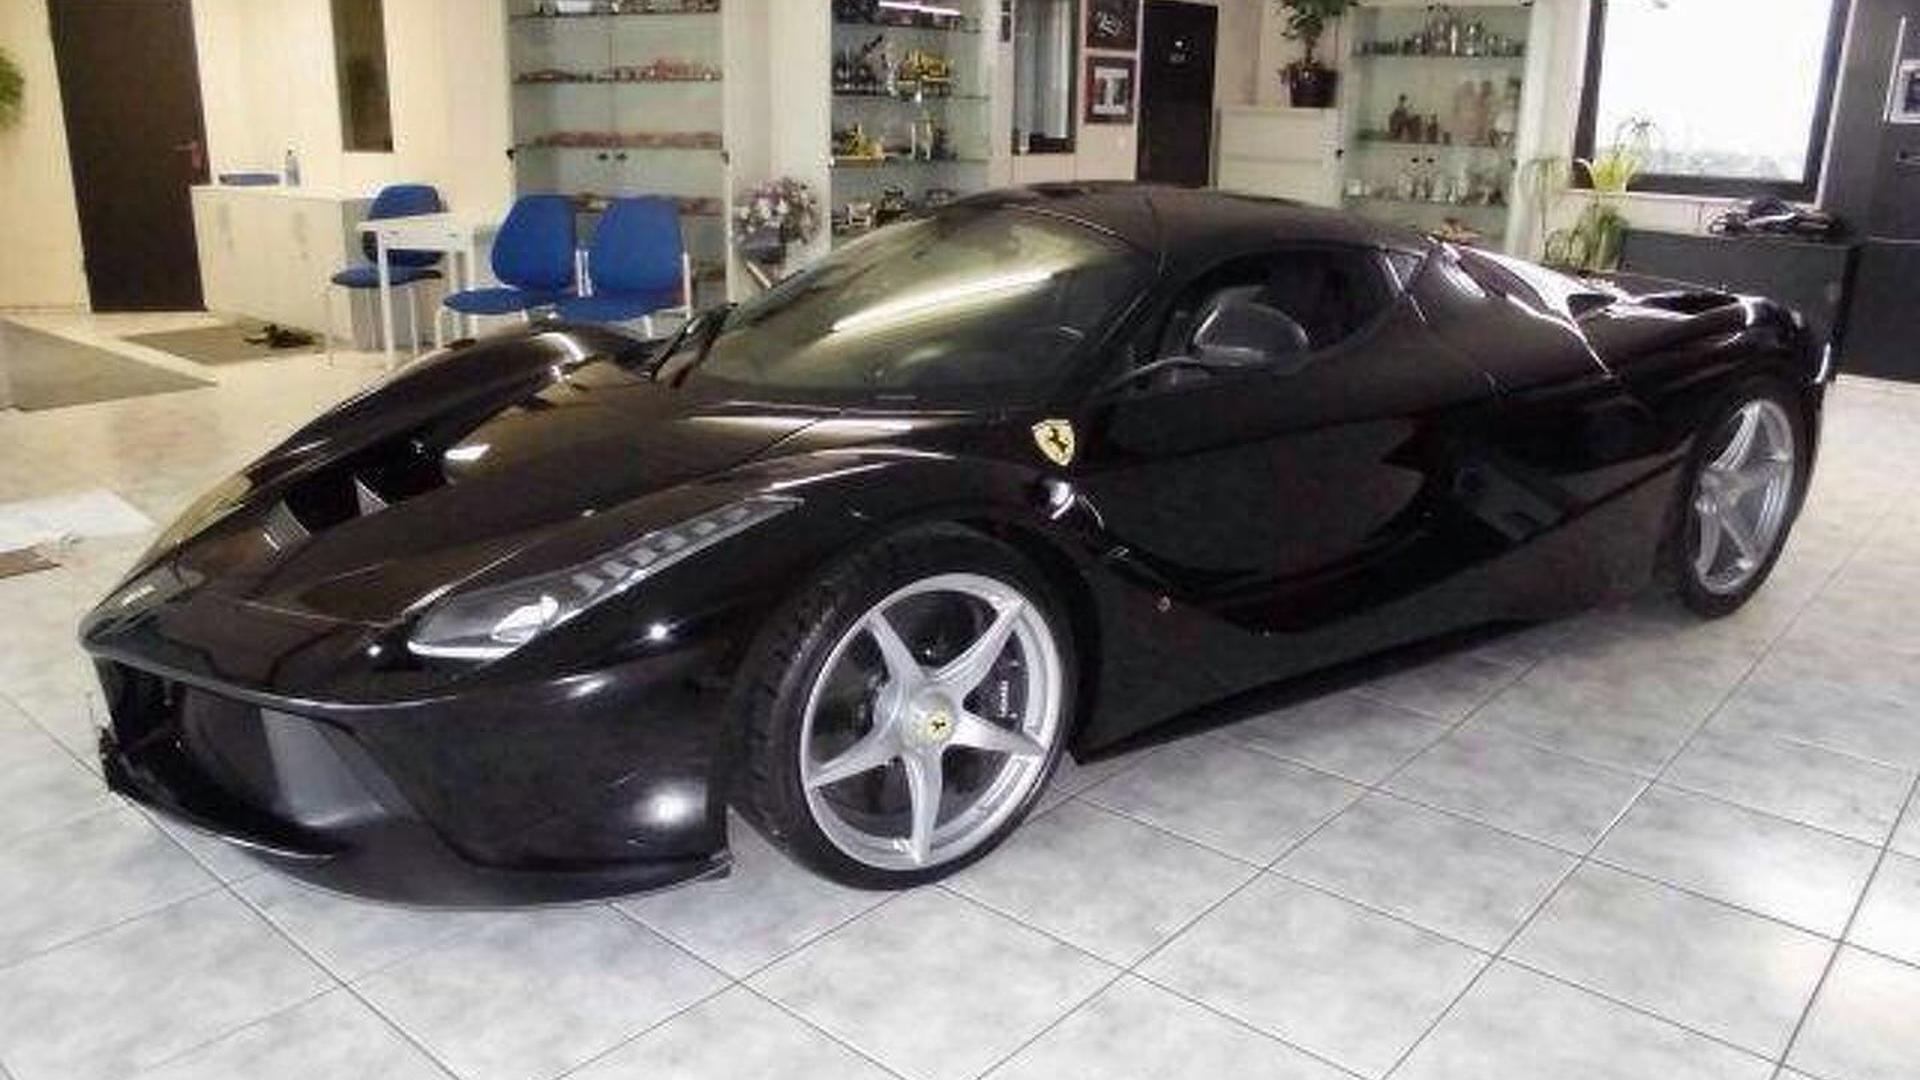 Brand new black LaFerrari on sale in Dubai for $3.4 million